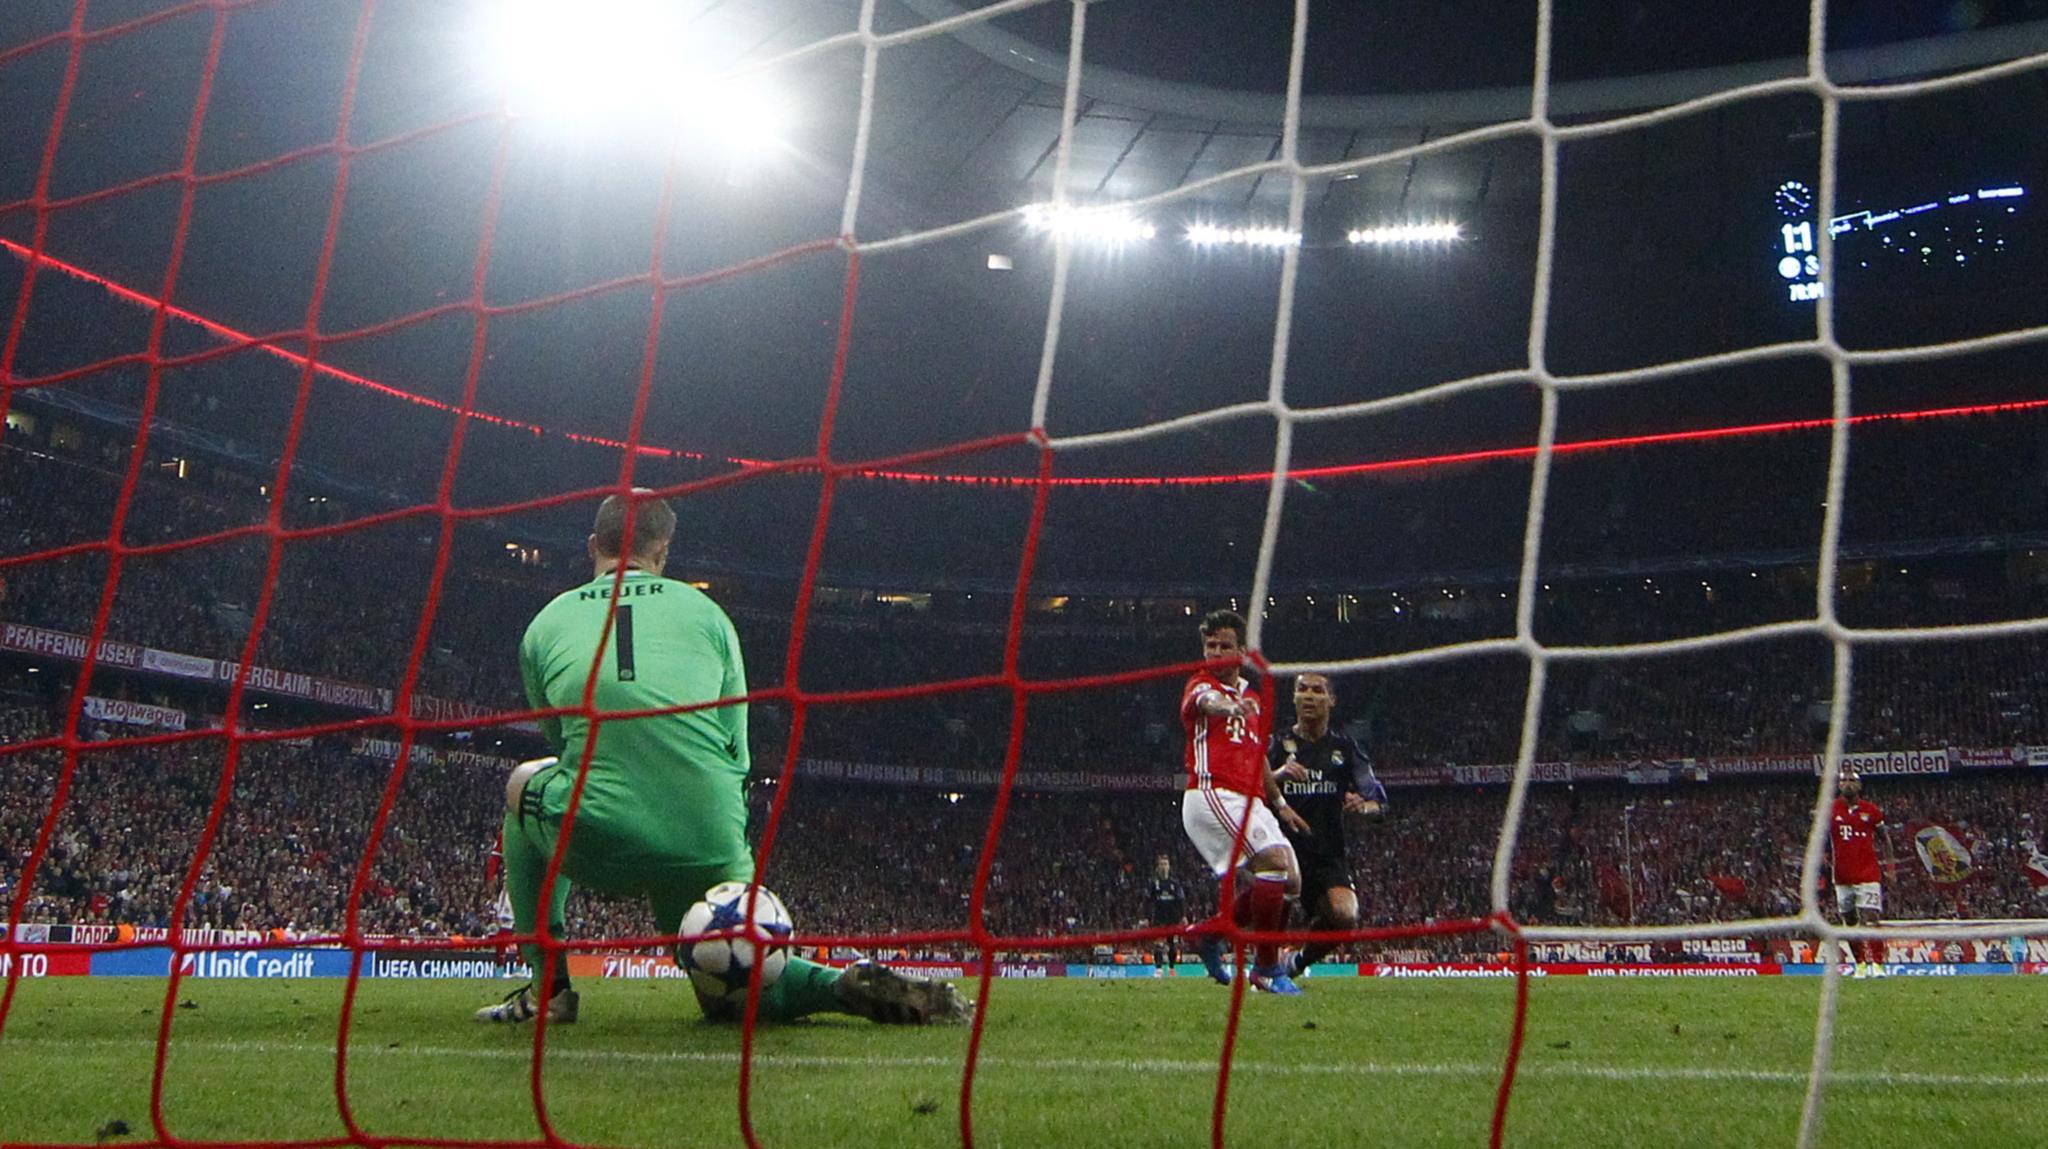 Sequência que retrata o golo que deu a vitória ao Real Madrid na semana passada